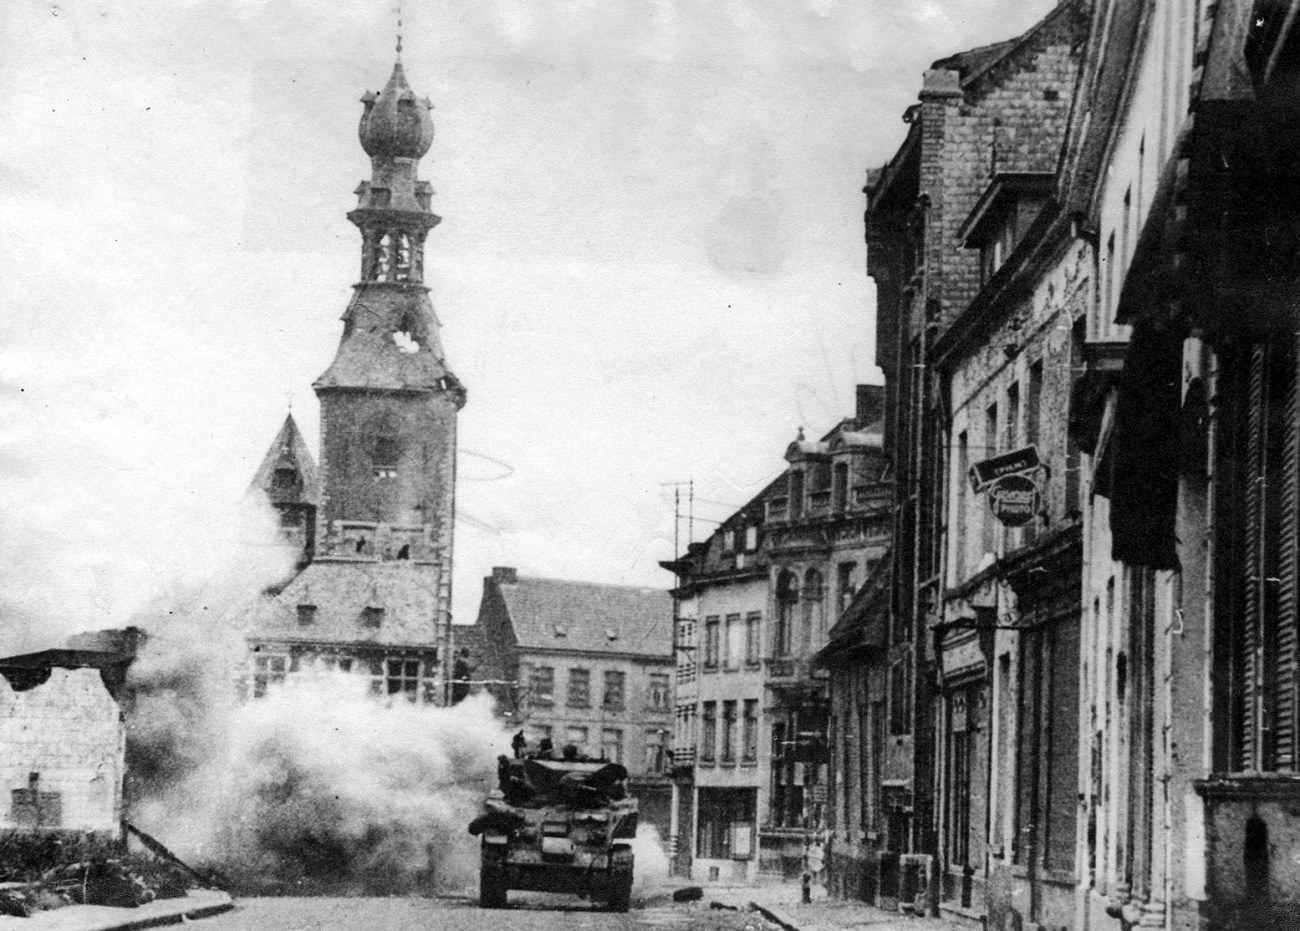 Polish tank entering Tielt